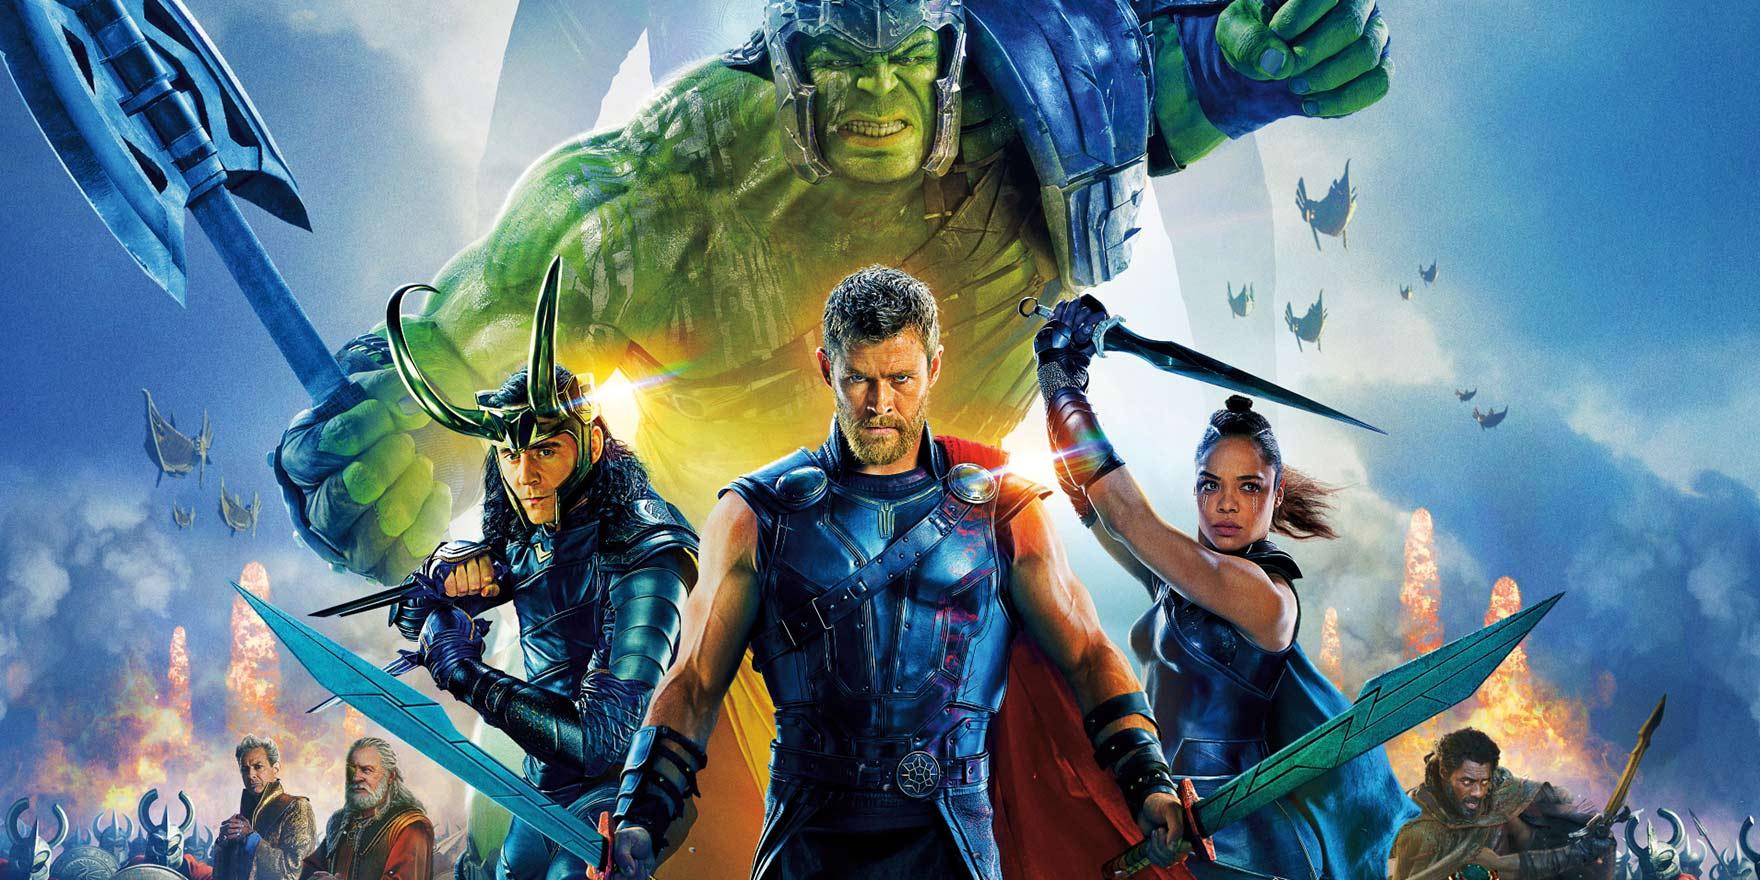 Thor: Ragnarok - Header Image